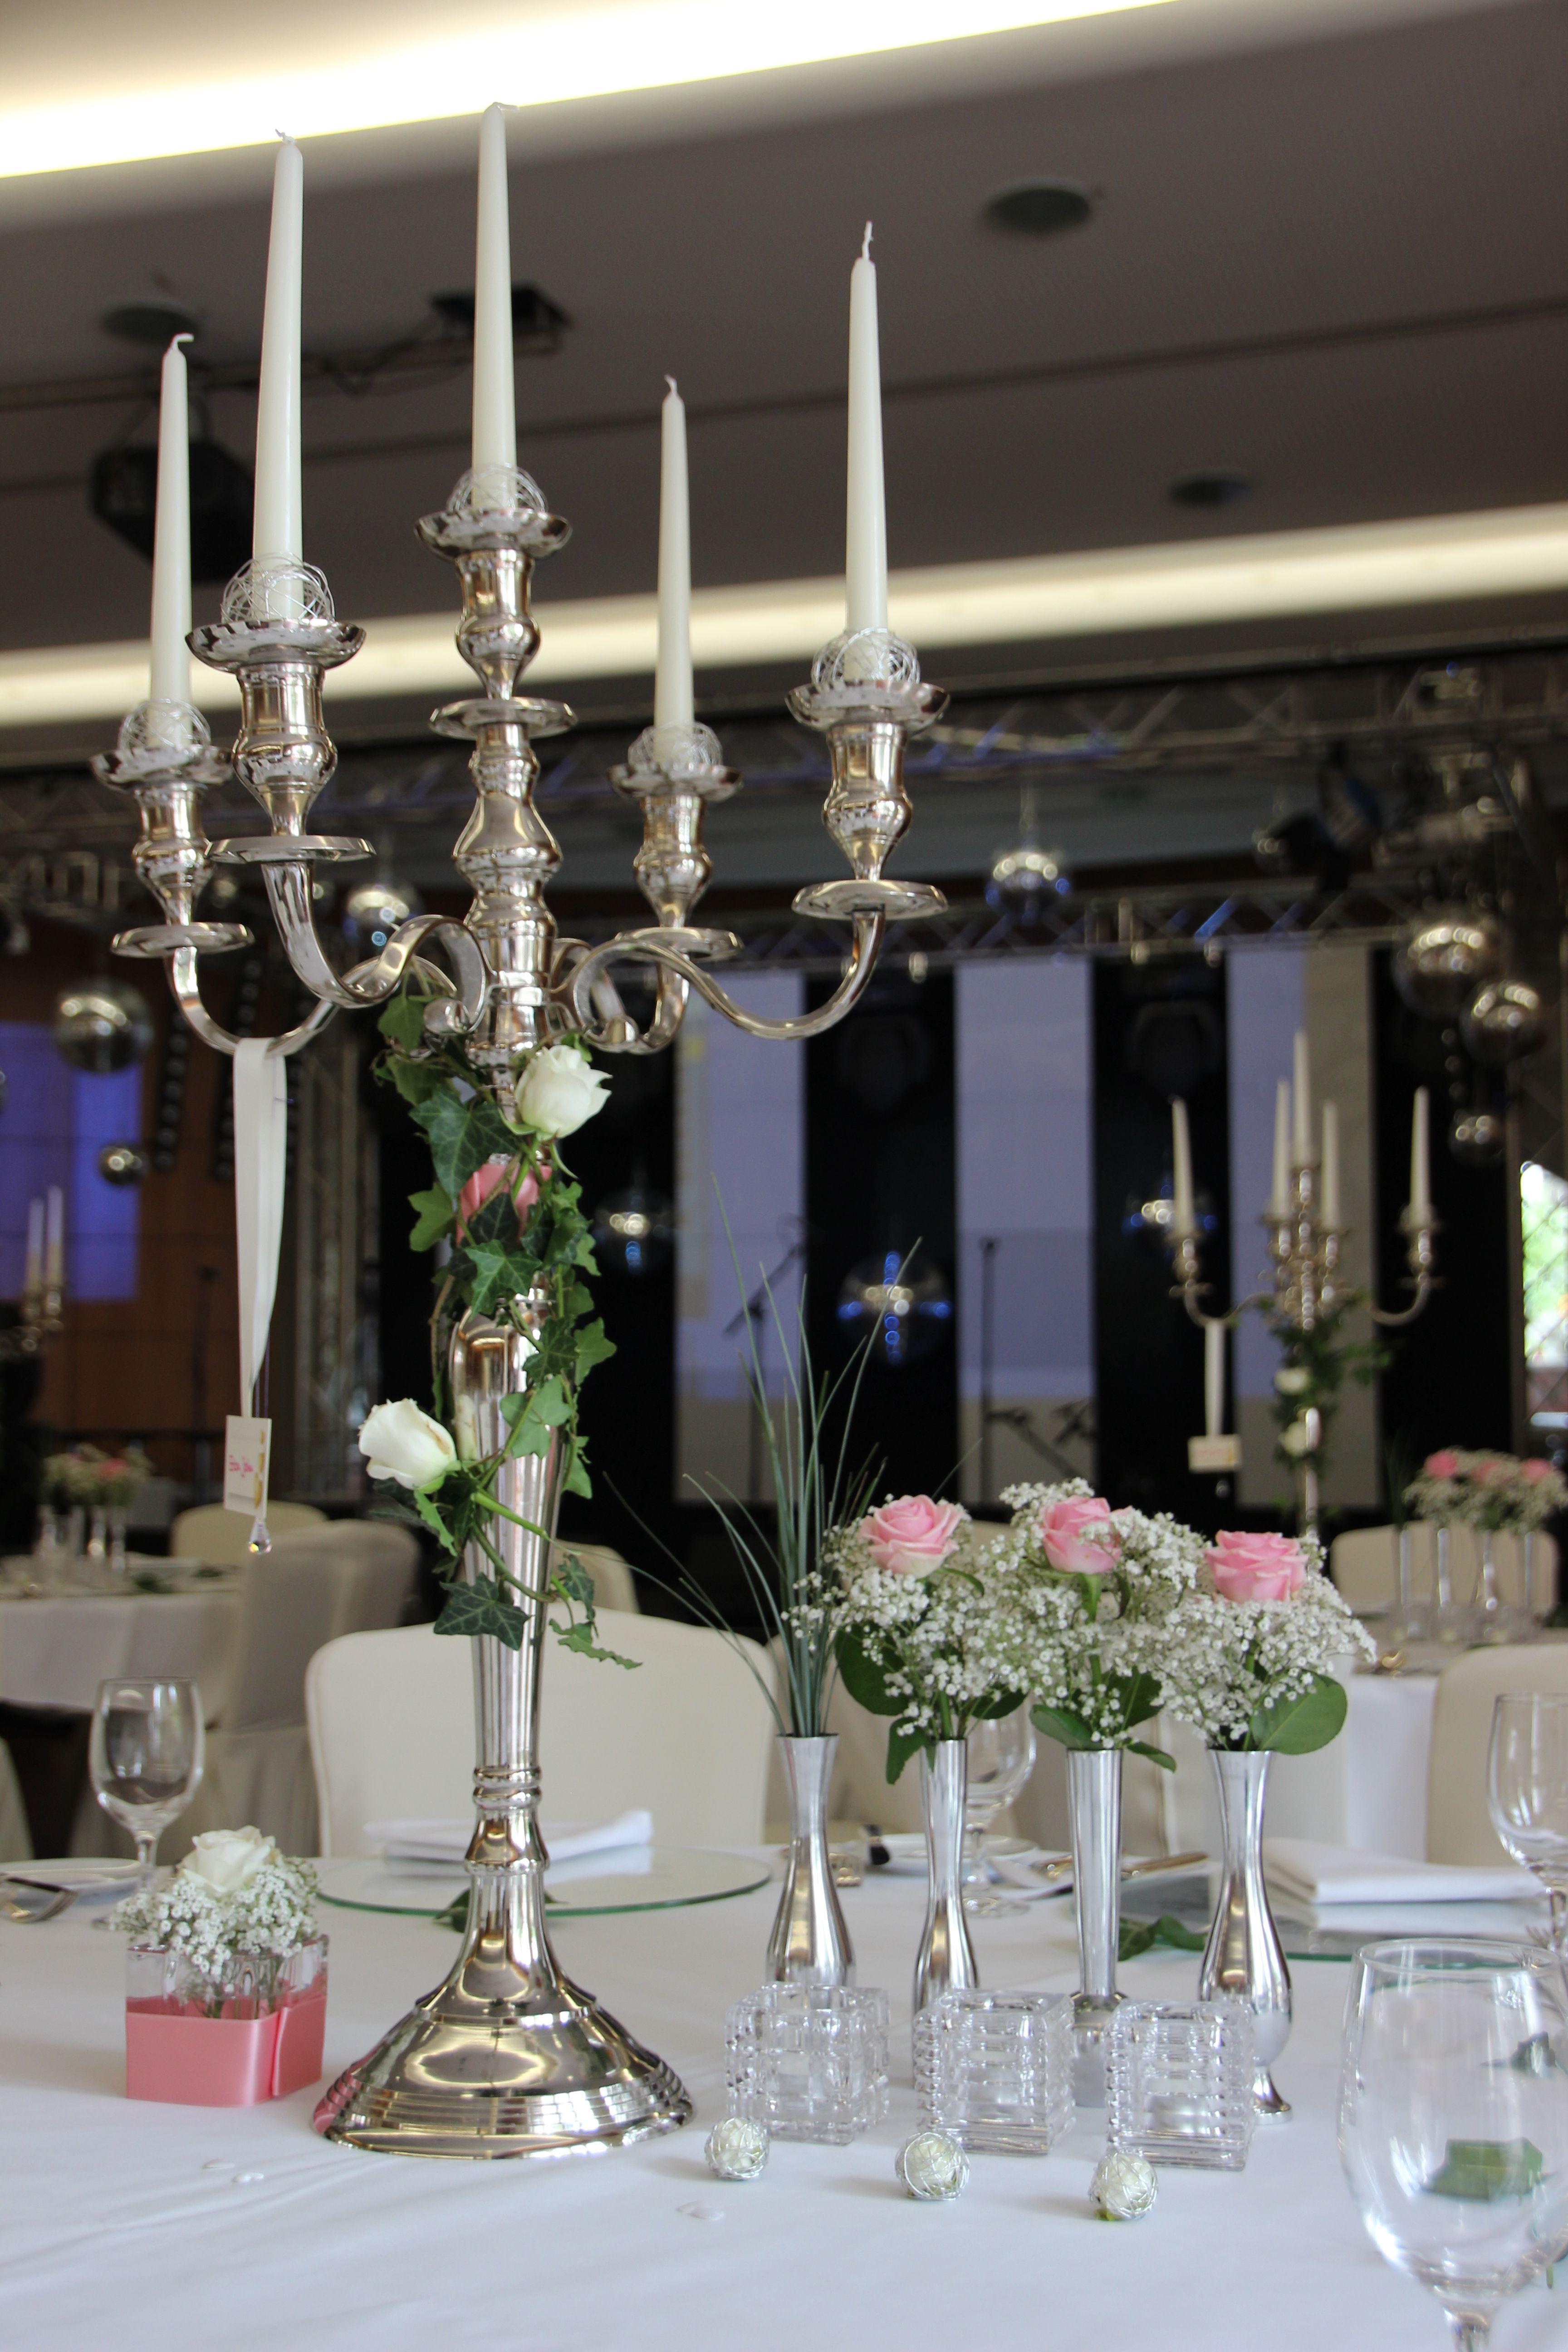 Kerzenstander Kerzenleuchter Mieten Weddstyle Hochzeitsdeko Hochzeitsdekoration Tischdeko Hochzeit